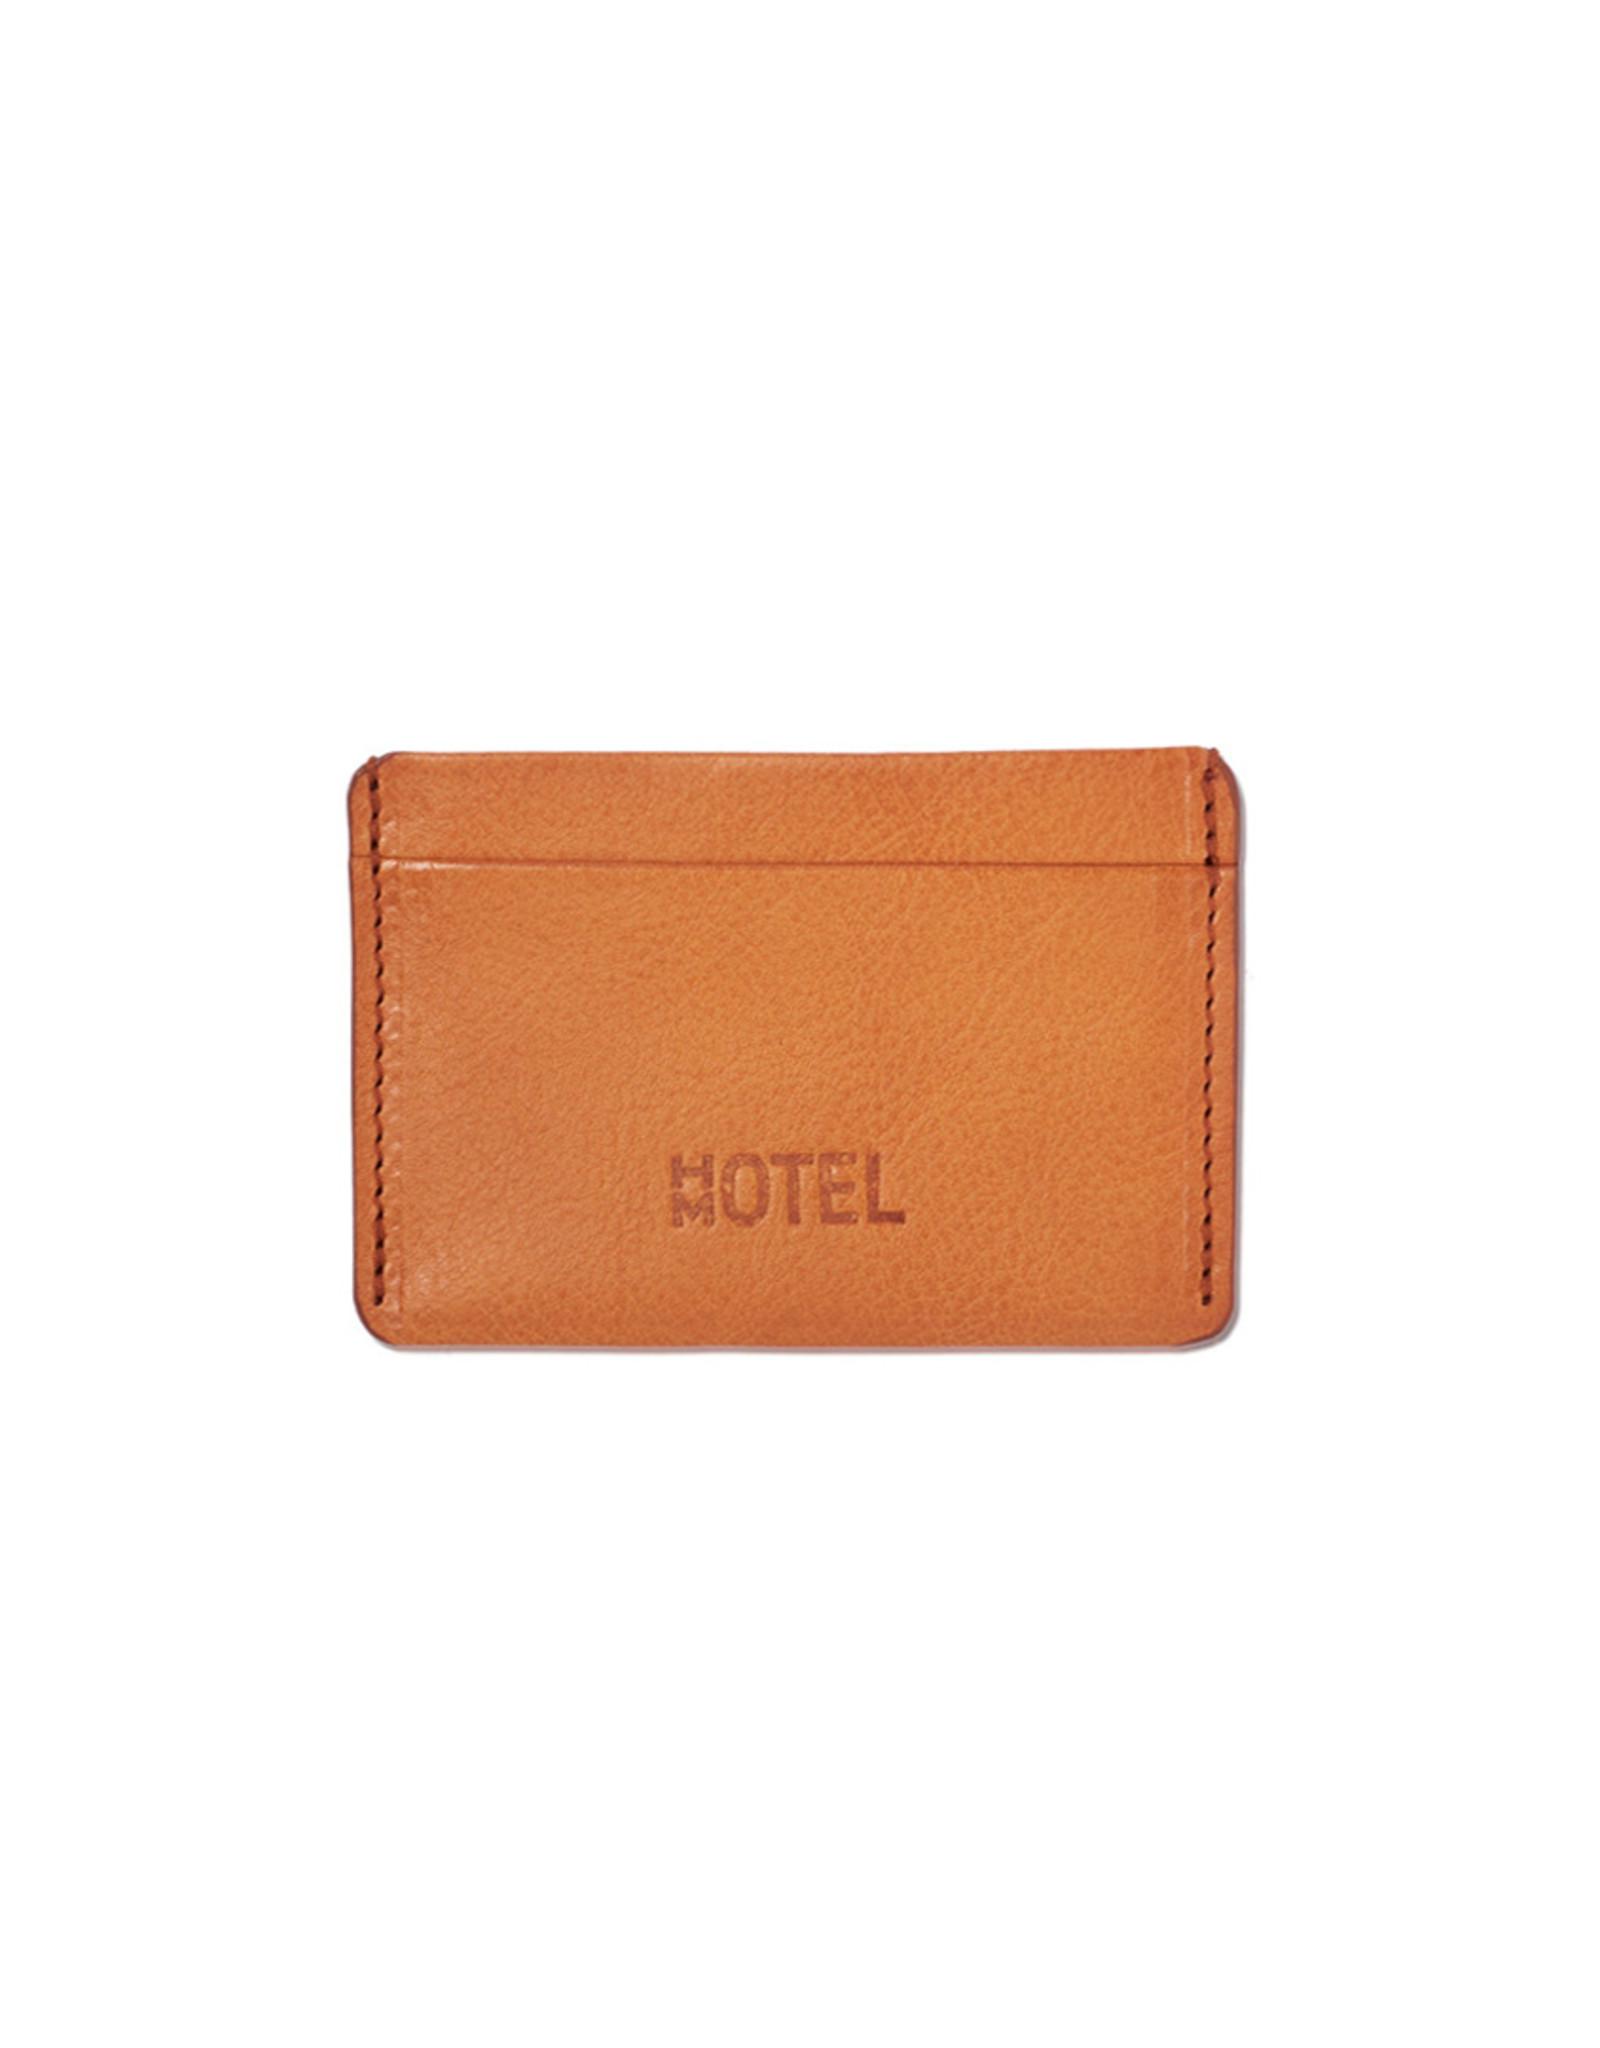 Hotel Motel - Porte-Cartes -